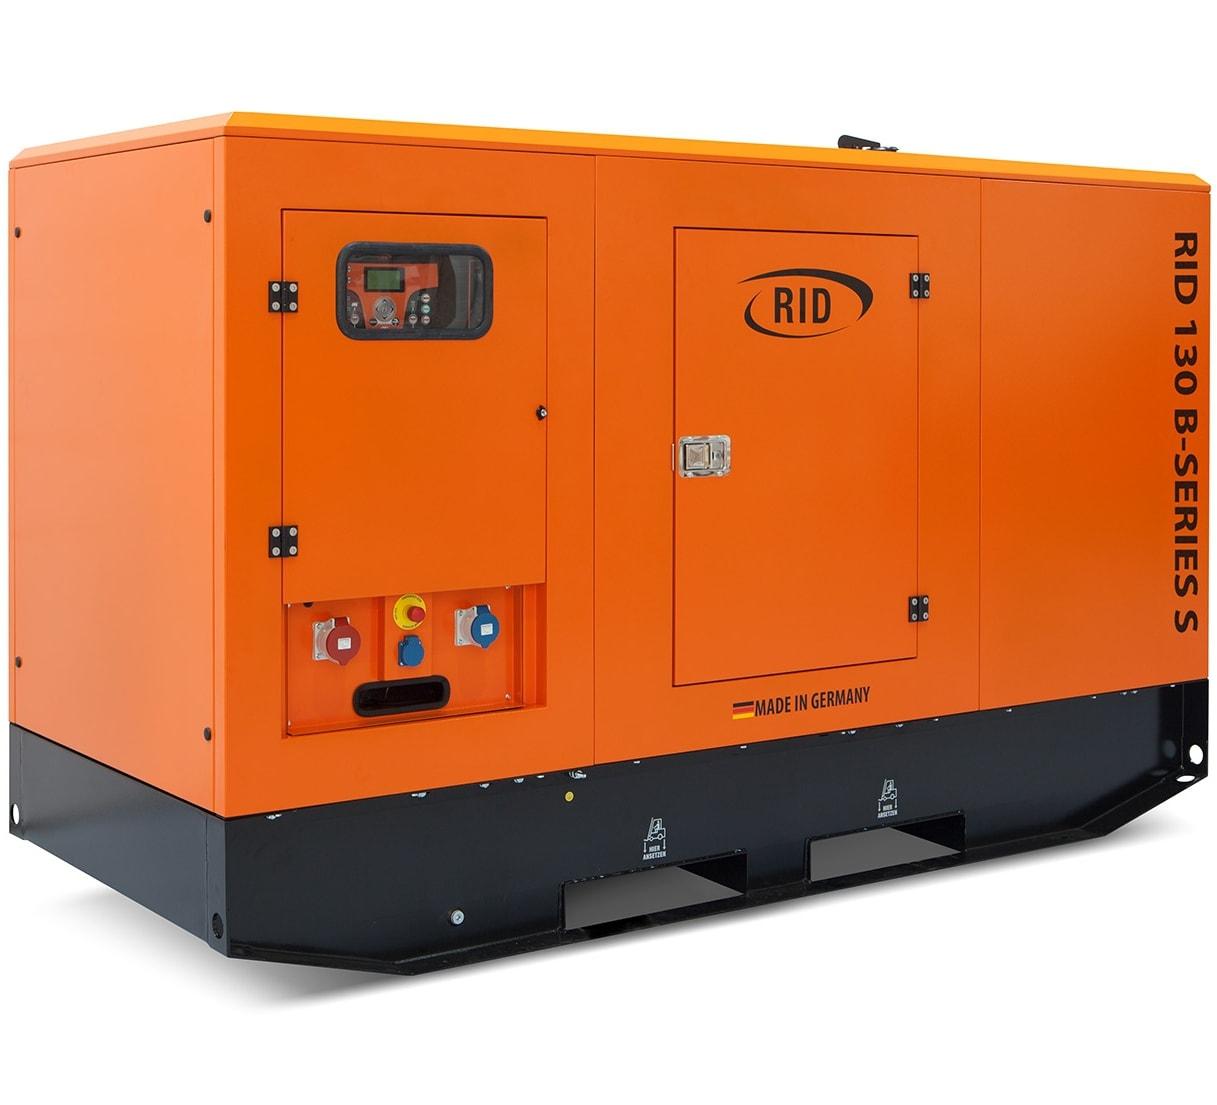 дизельная электростанция rid 130 b-series s